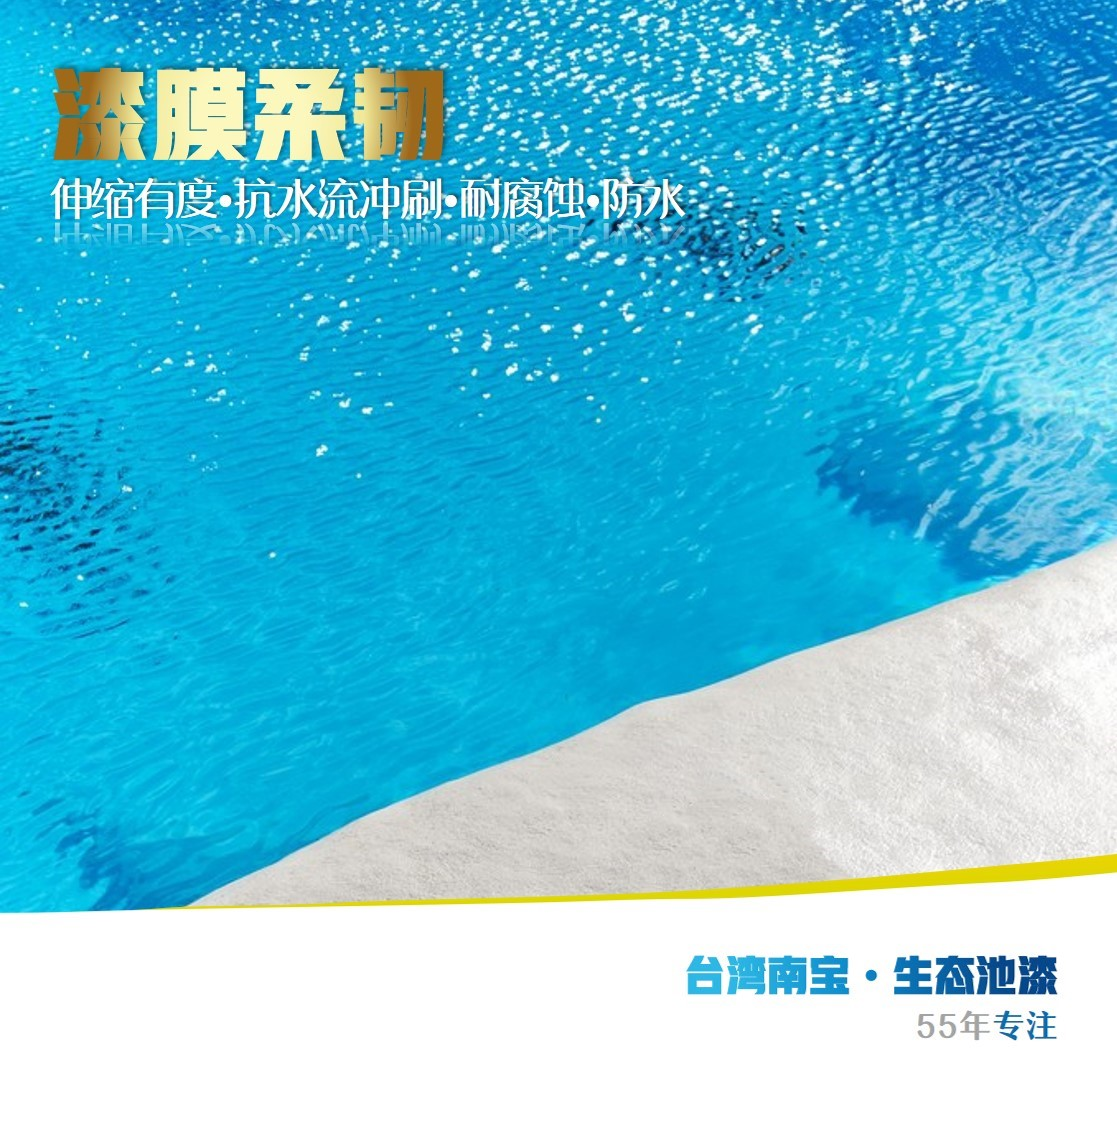 贝壳瓷釉游泳池漆的作用与机理